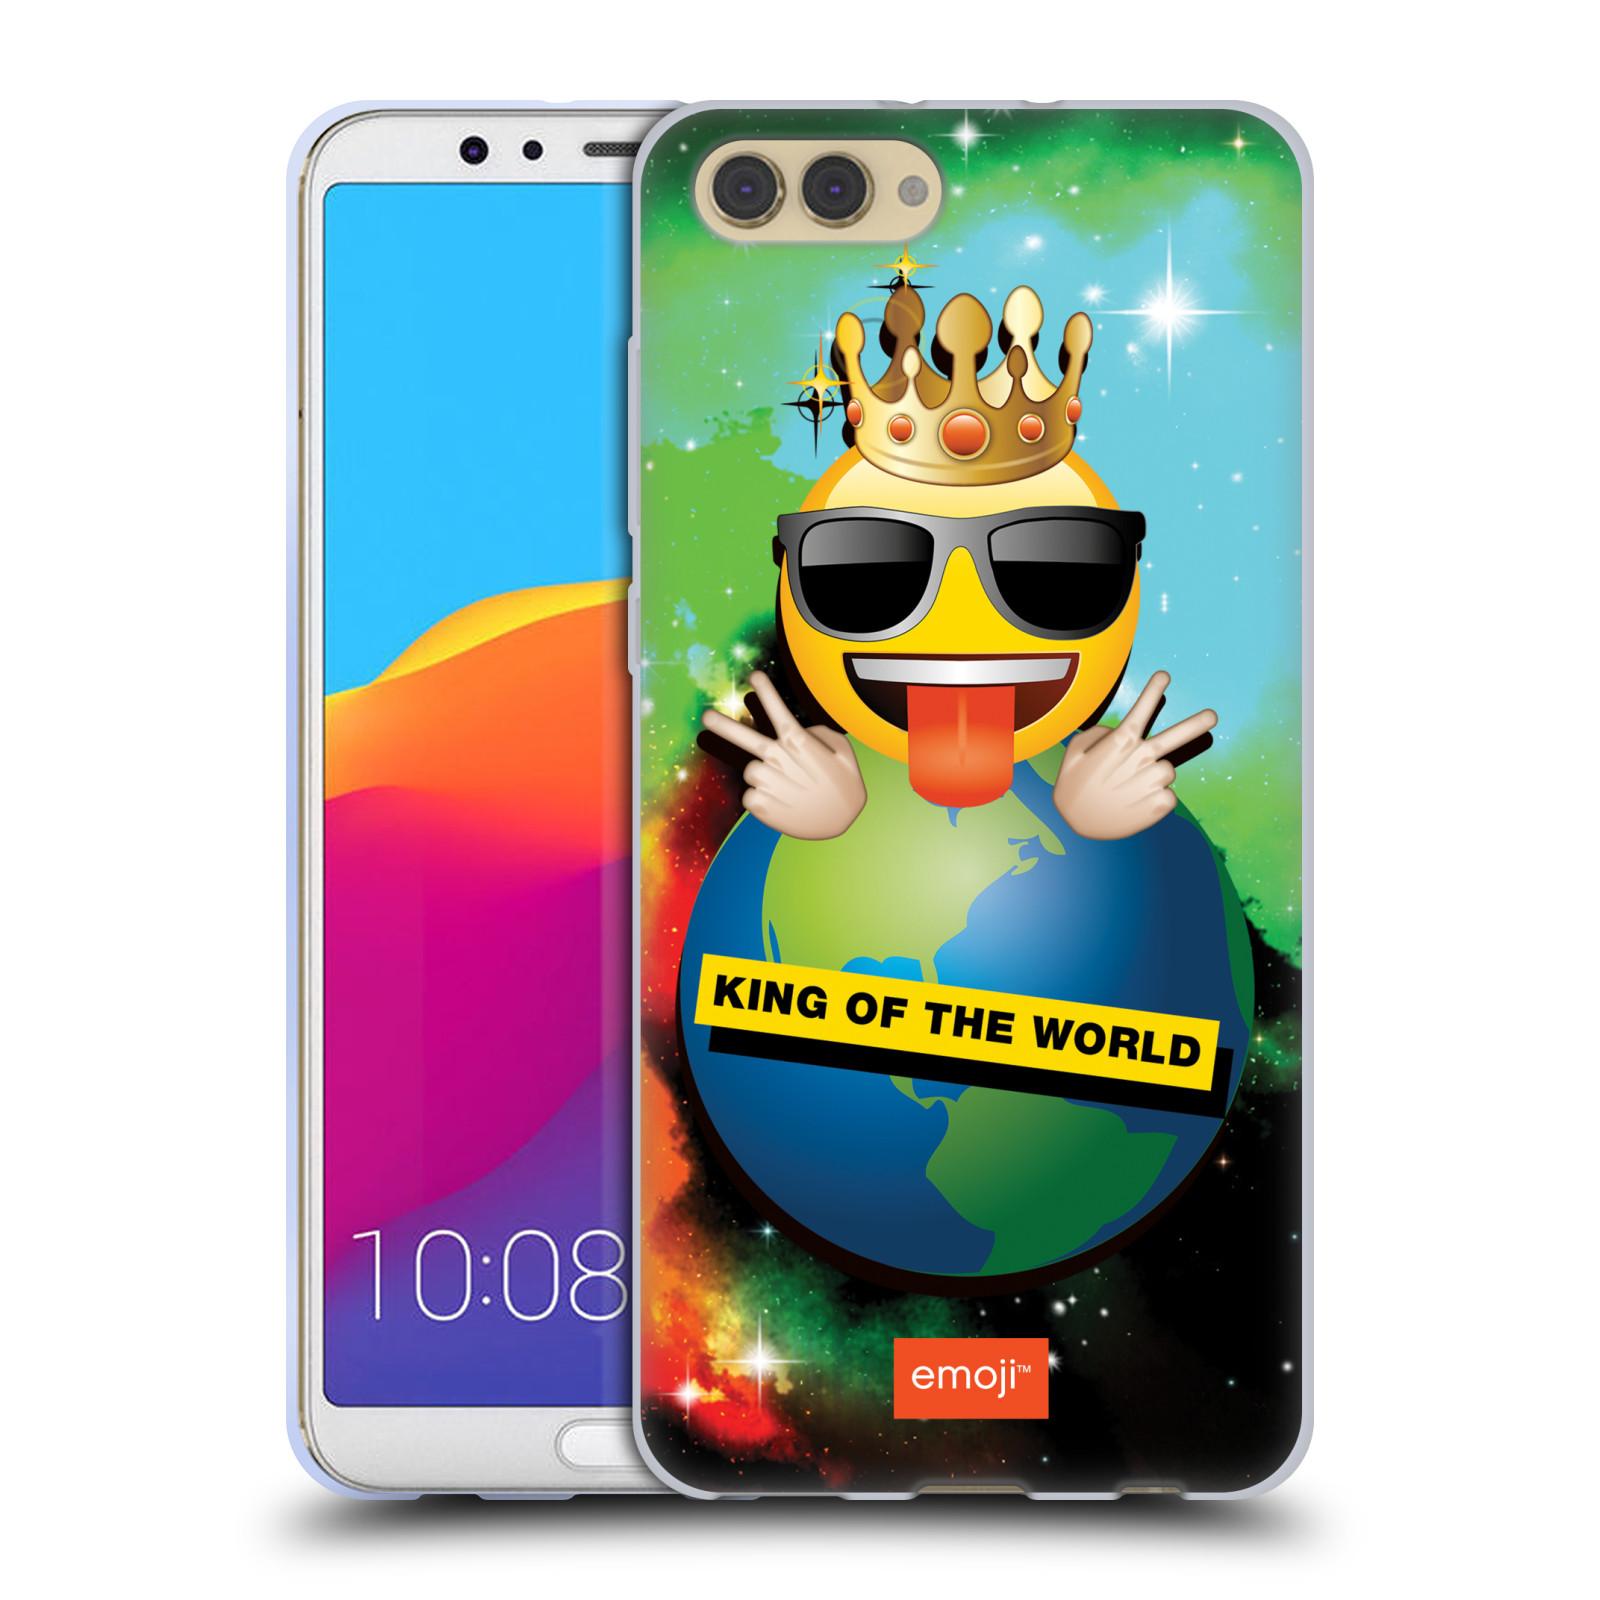 HEAD CASE silikonový obal na mobil Huawei HONOR VIEW 10 / V10 smajlík oficiální kryt EMOJI velký smajlík král světa